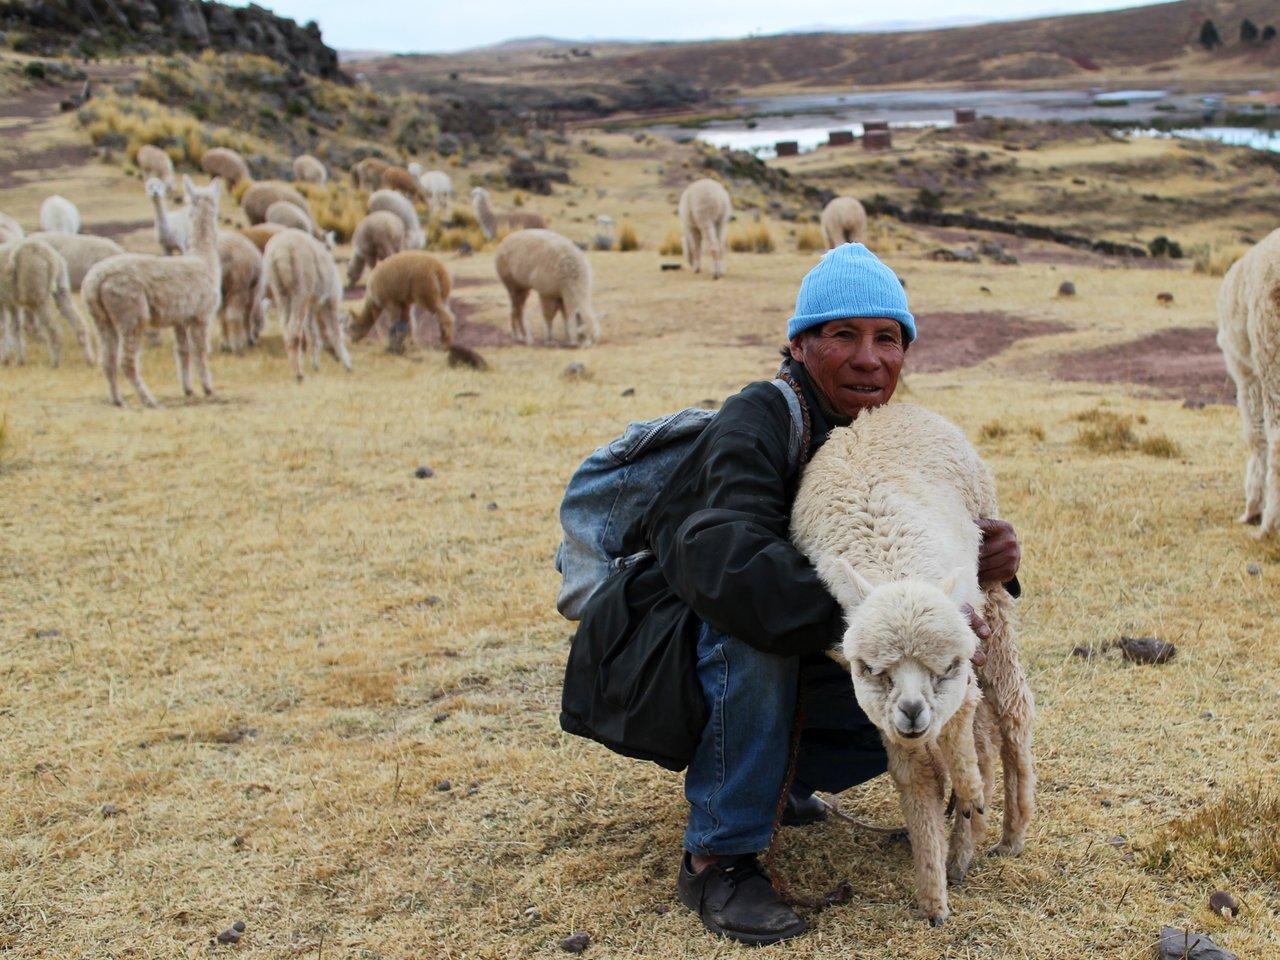 lago titicaca fai da te: un pastore a sillustani